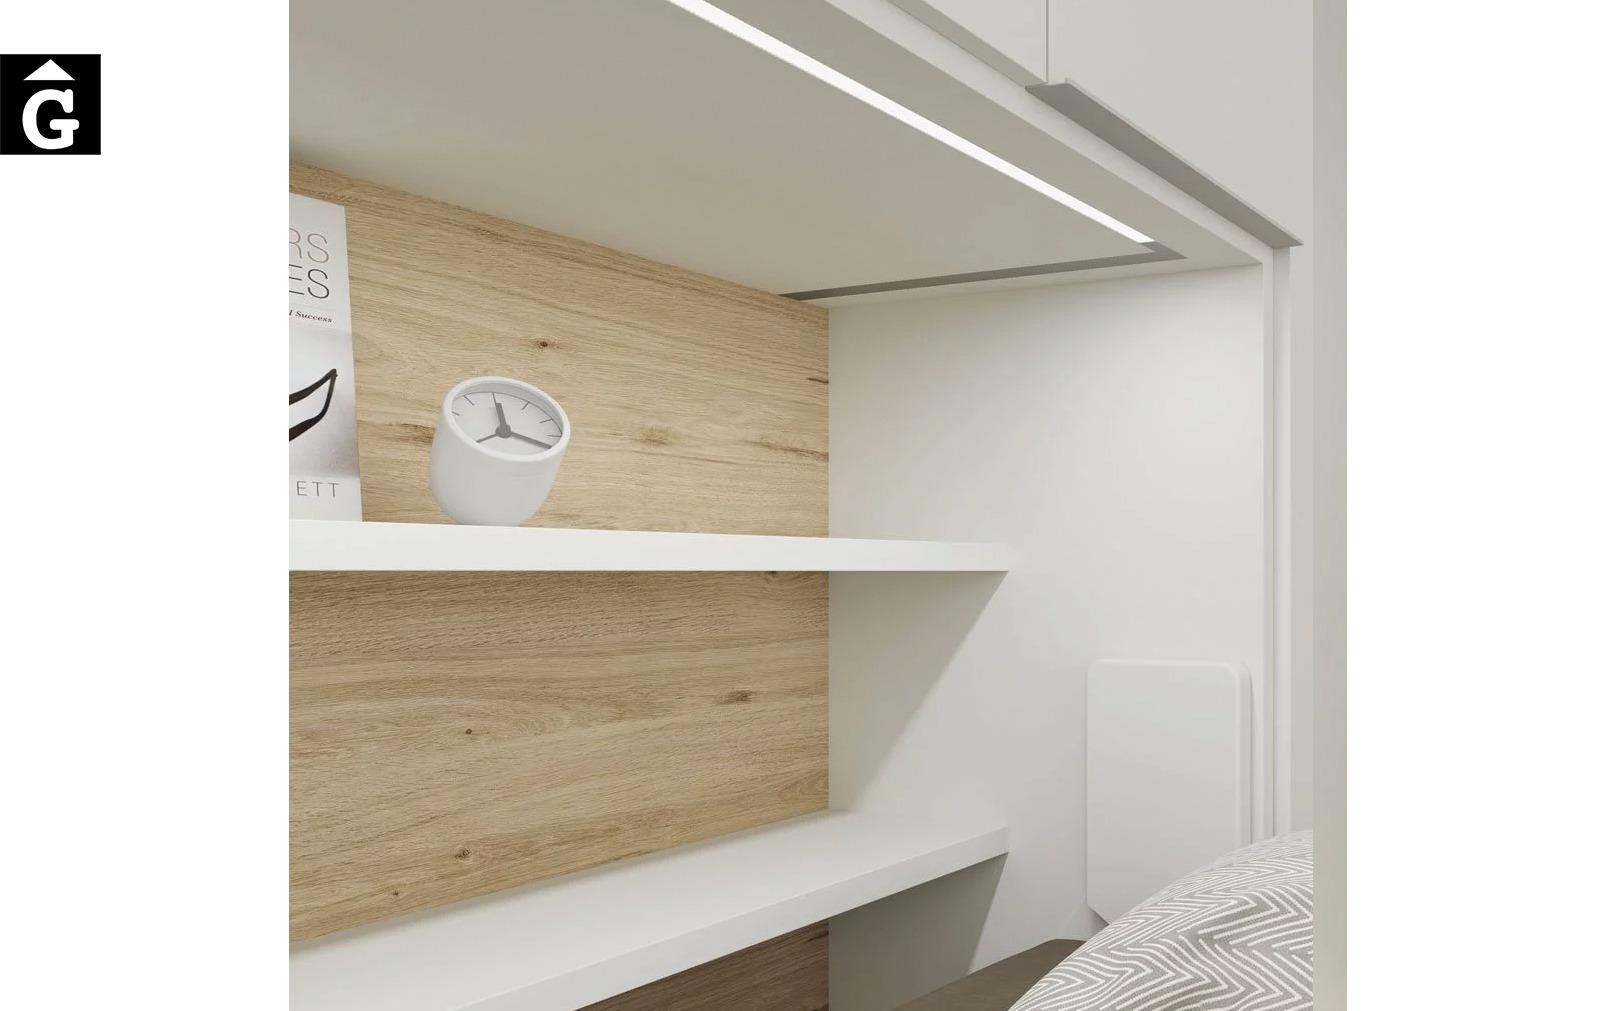 Habitació estudi amb armari llit abatible | Detall interior caixa llit | Up & Down | llits abatibles | Pràctics, saludables i segurs | Jotajotape | mobles Gifreu